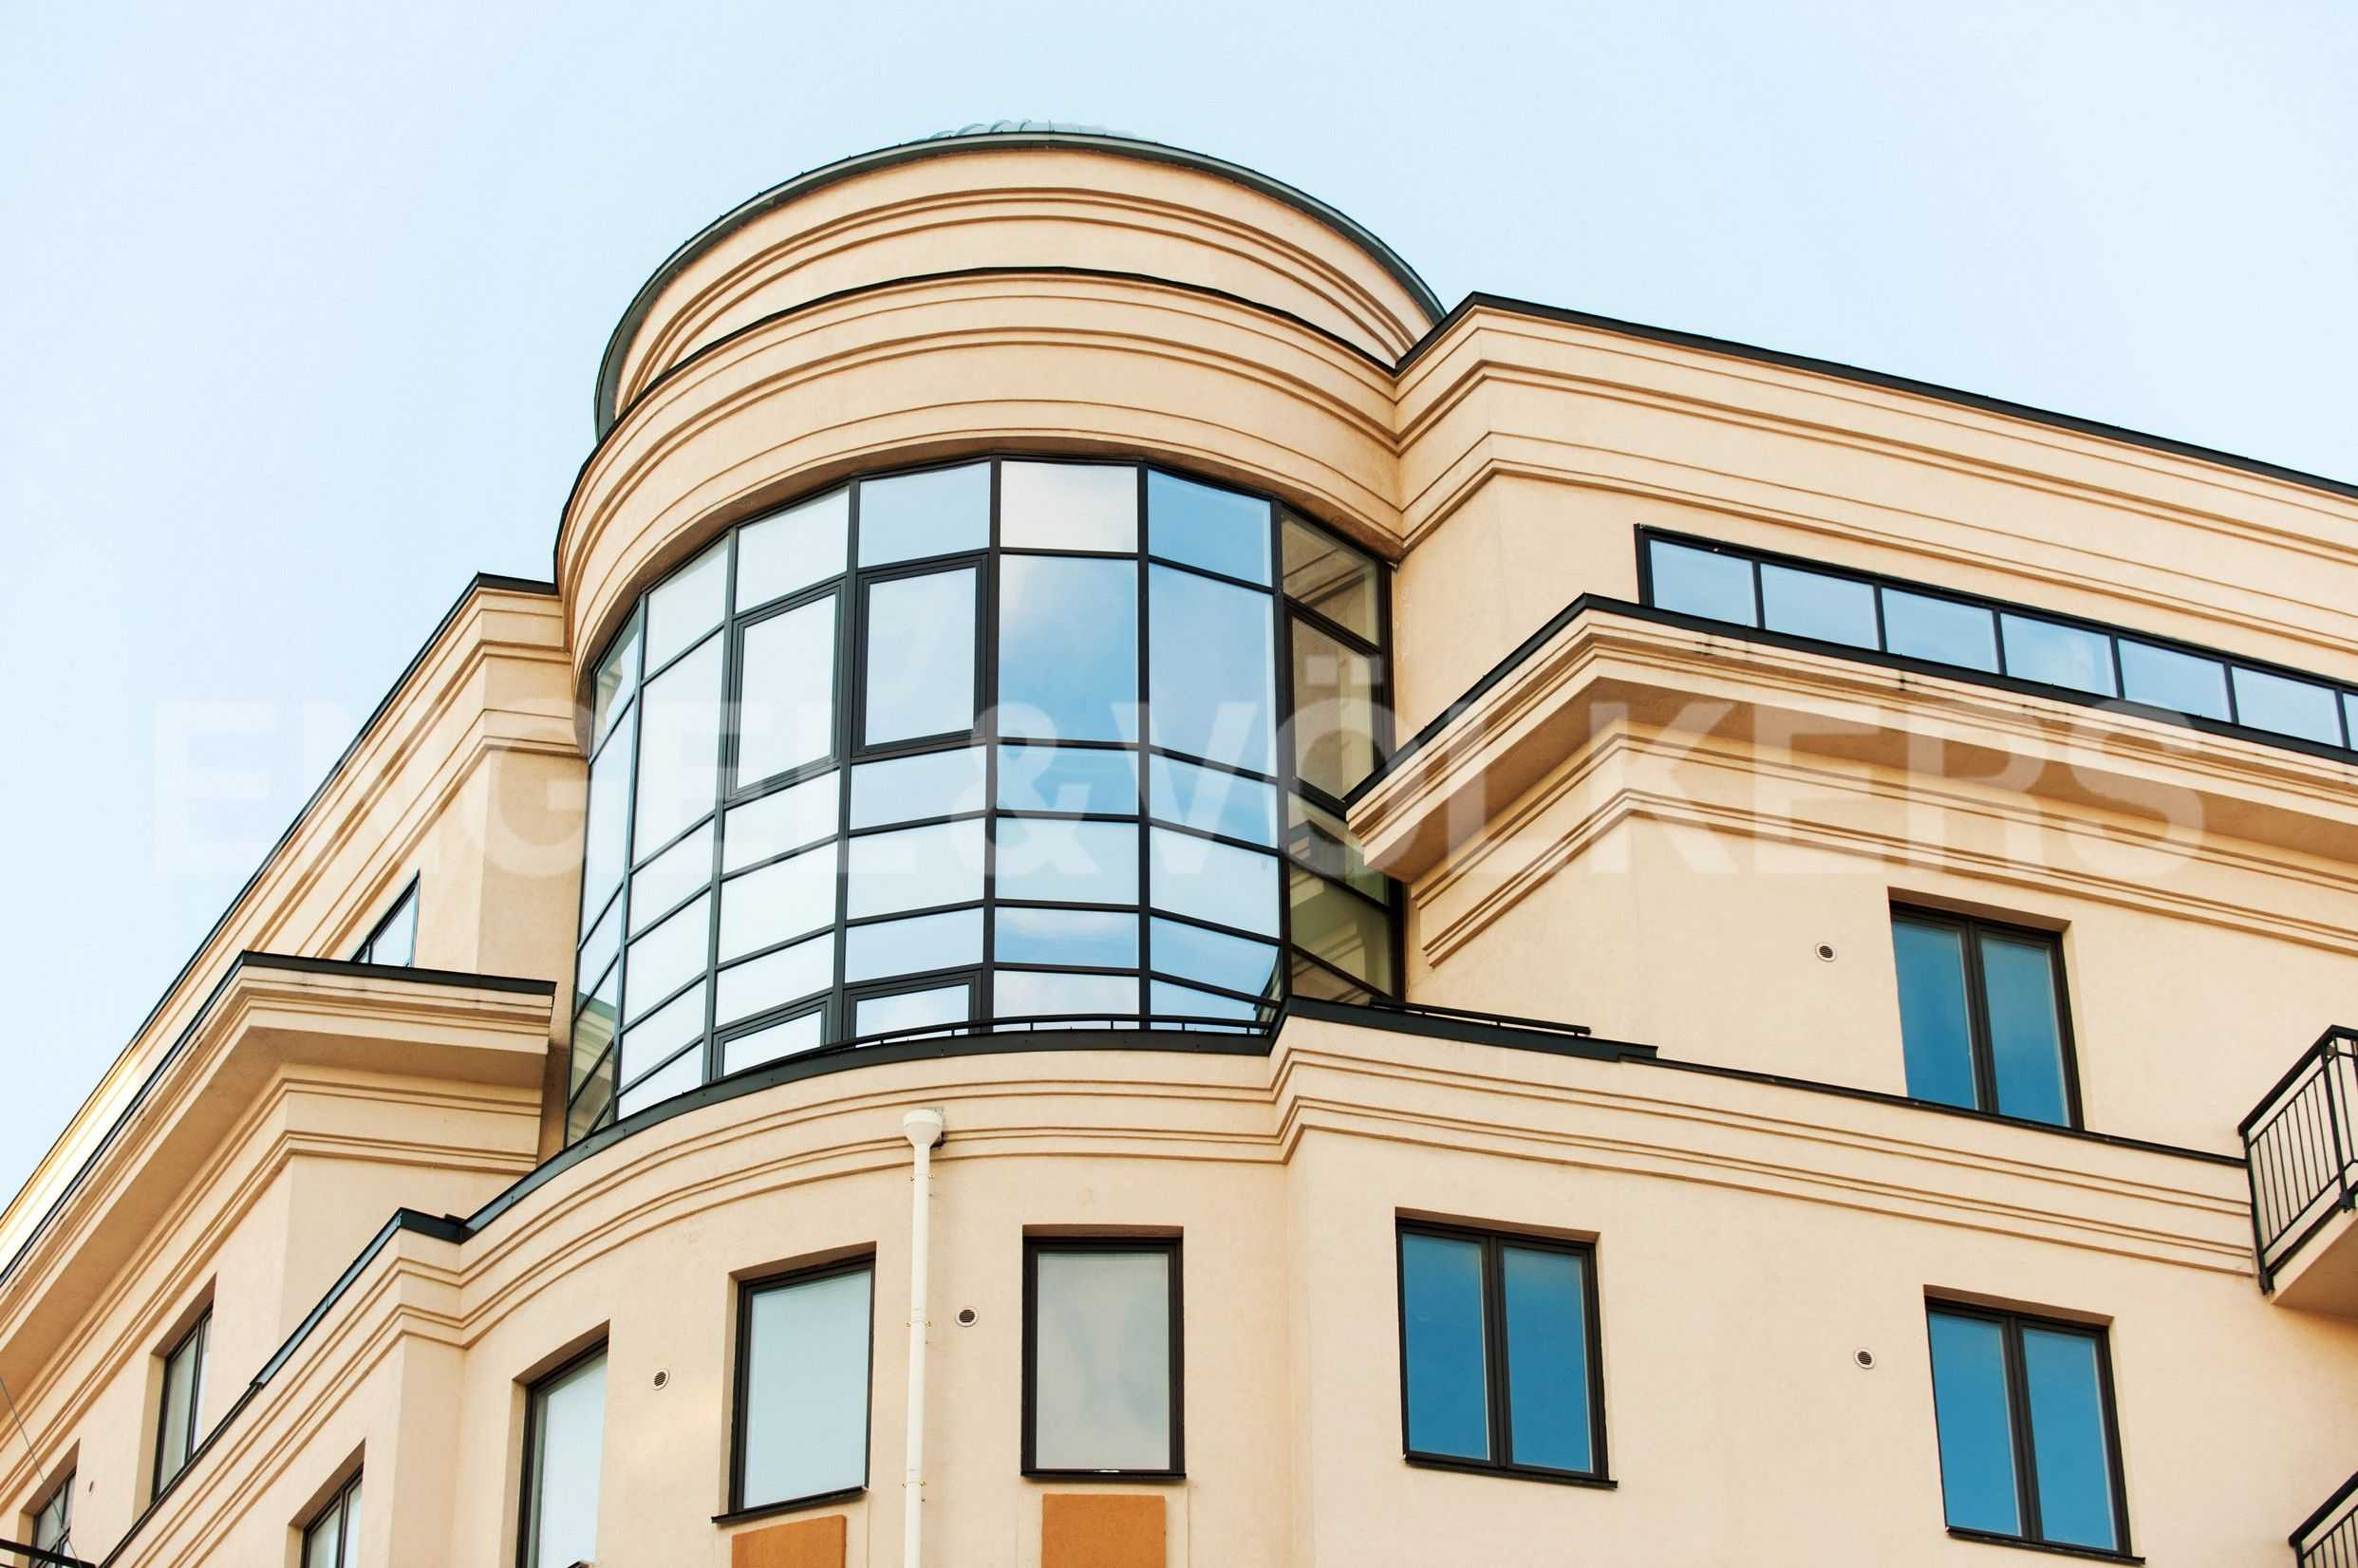 Элитные квартиры в Центральном районе. Санкт-Петербург, Парадная, 3. Квартира на фасаде дома